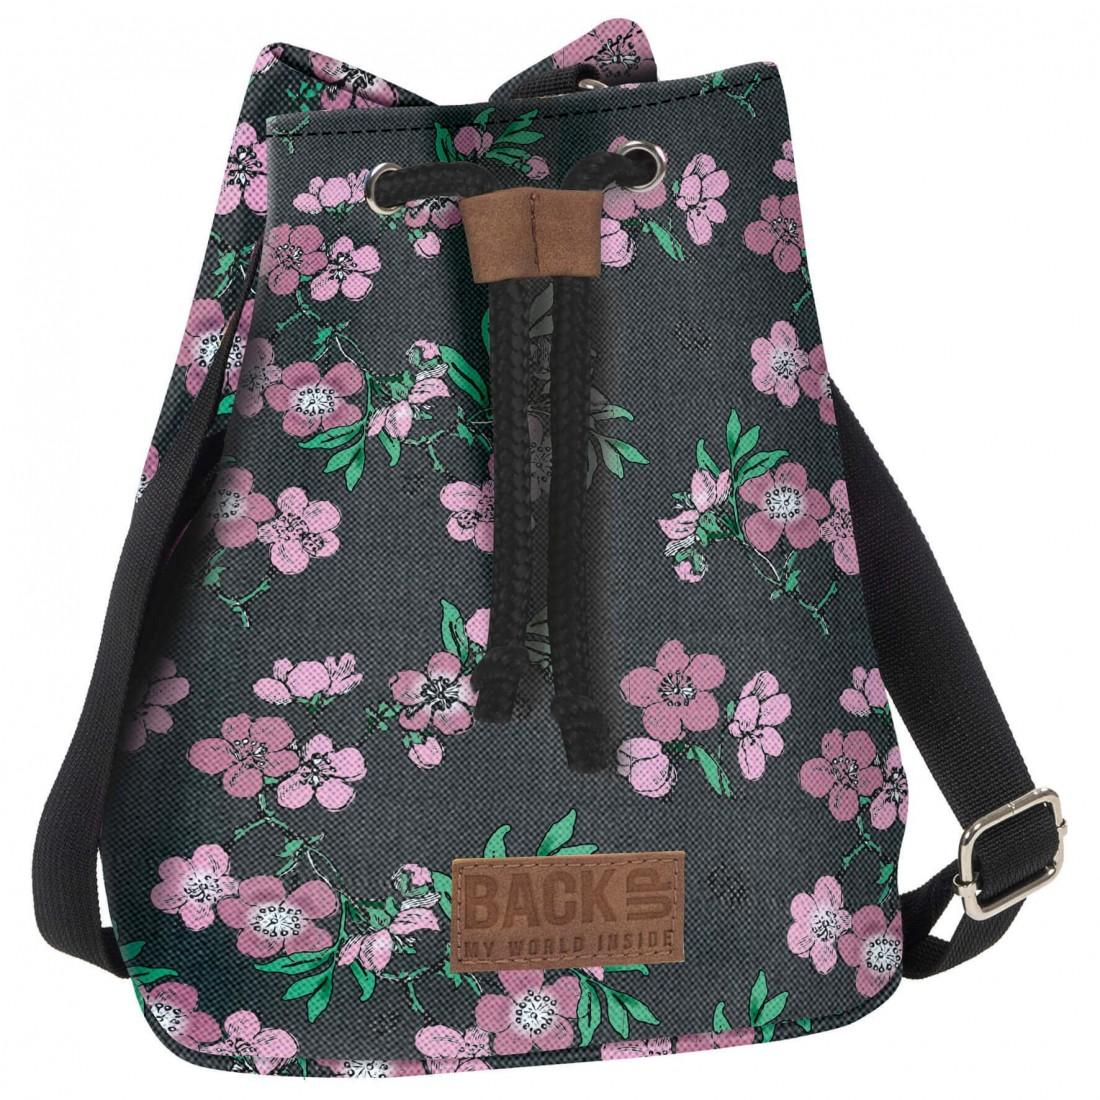 Plecak miejski dla nastolatki BackUP szary w pastelowe kwiaty Canvas - plecak-tornister.pl